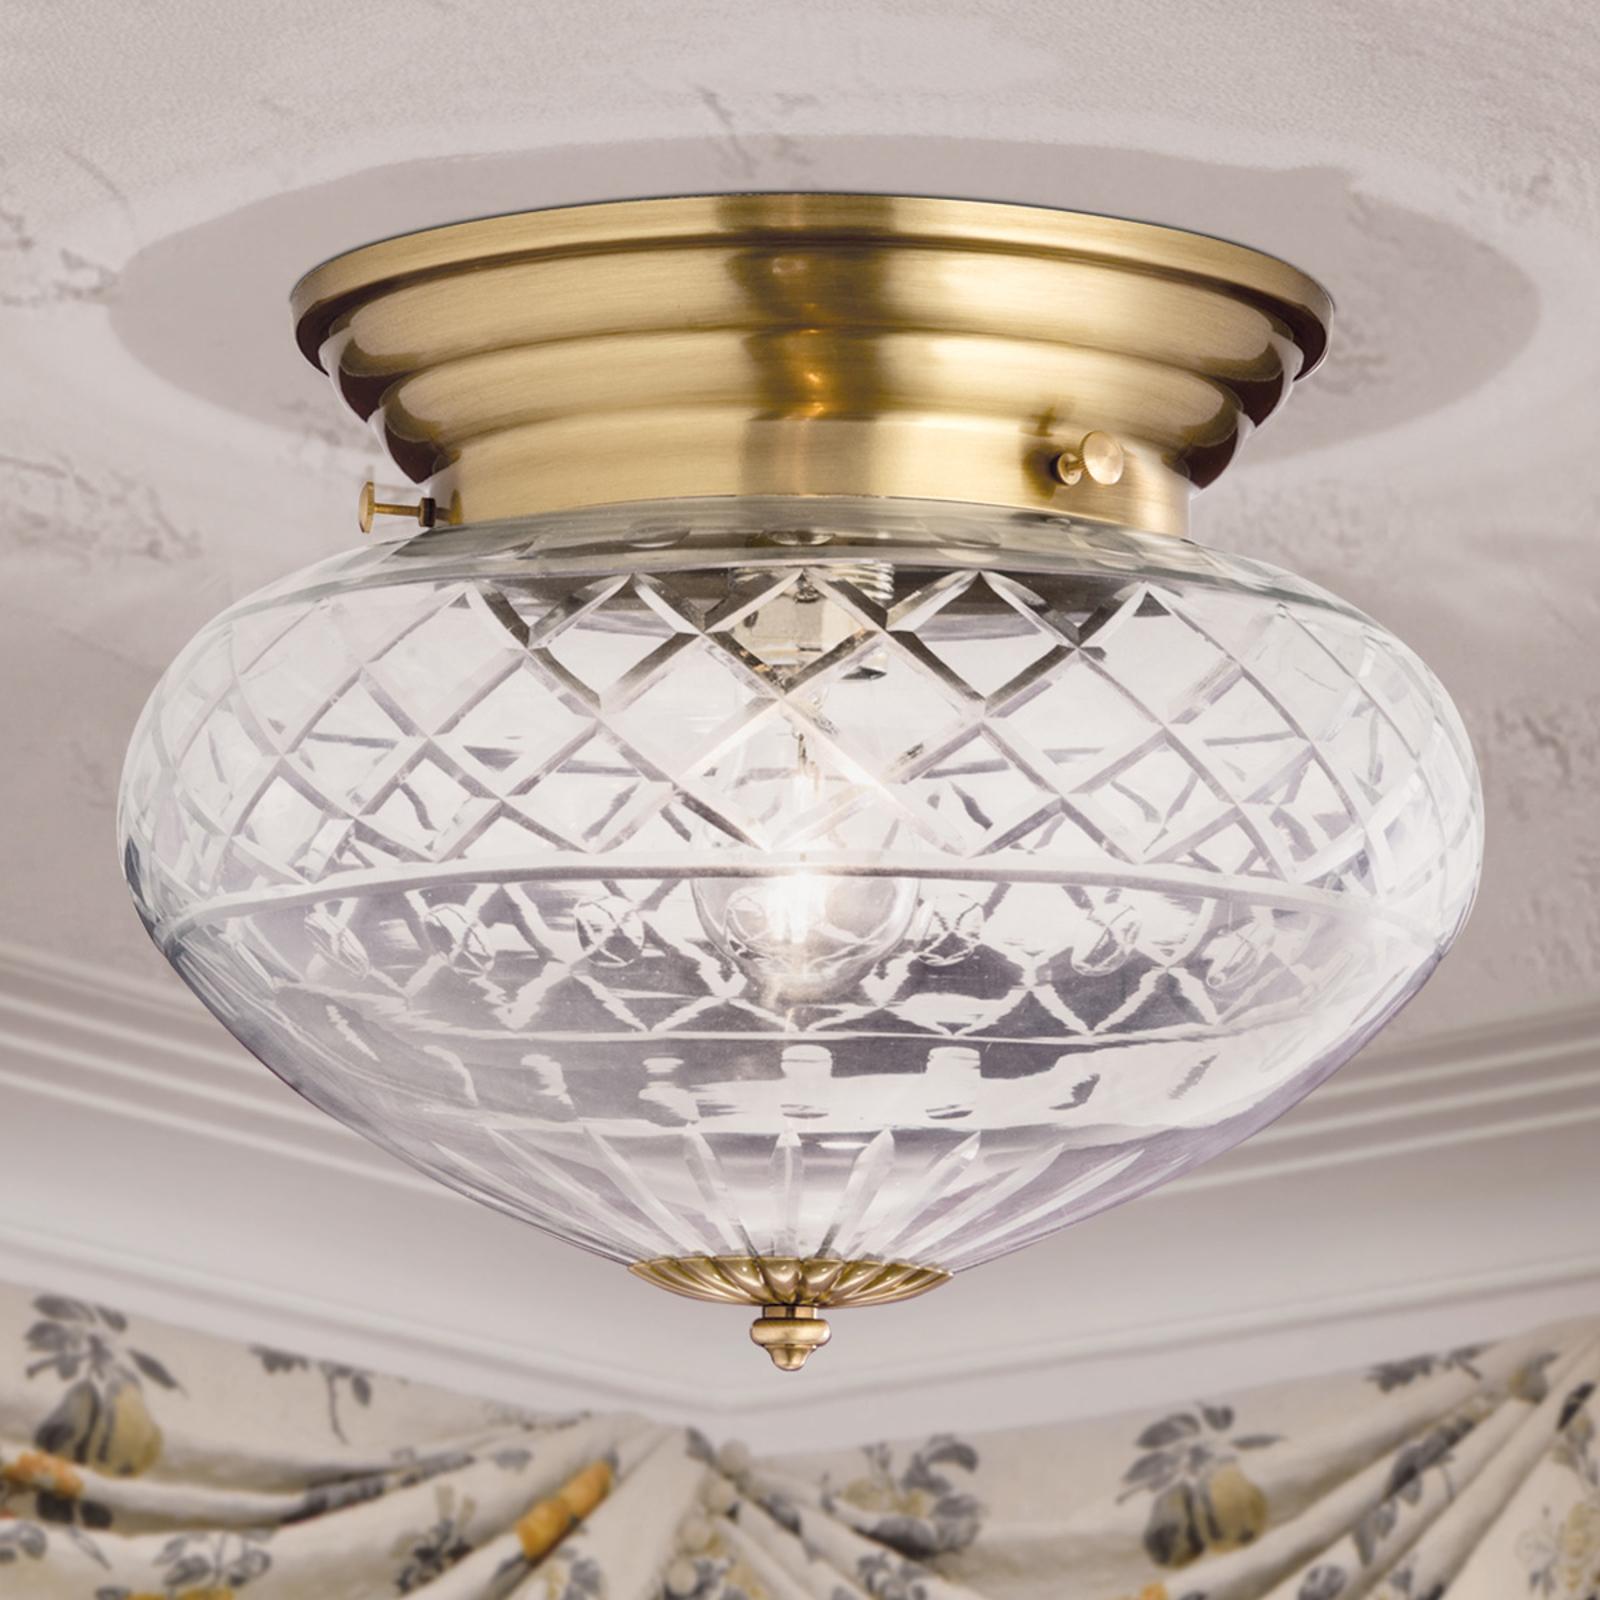 Szlifowana ręcznie lampa sufitowa ENNA, śr. 31 cm